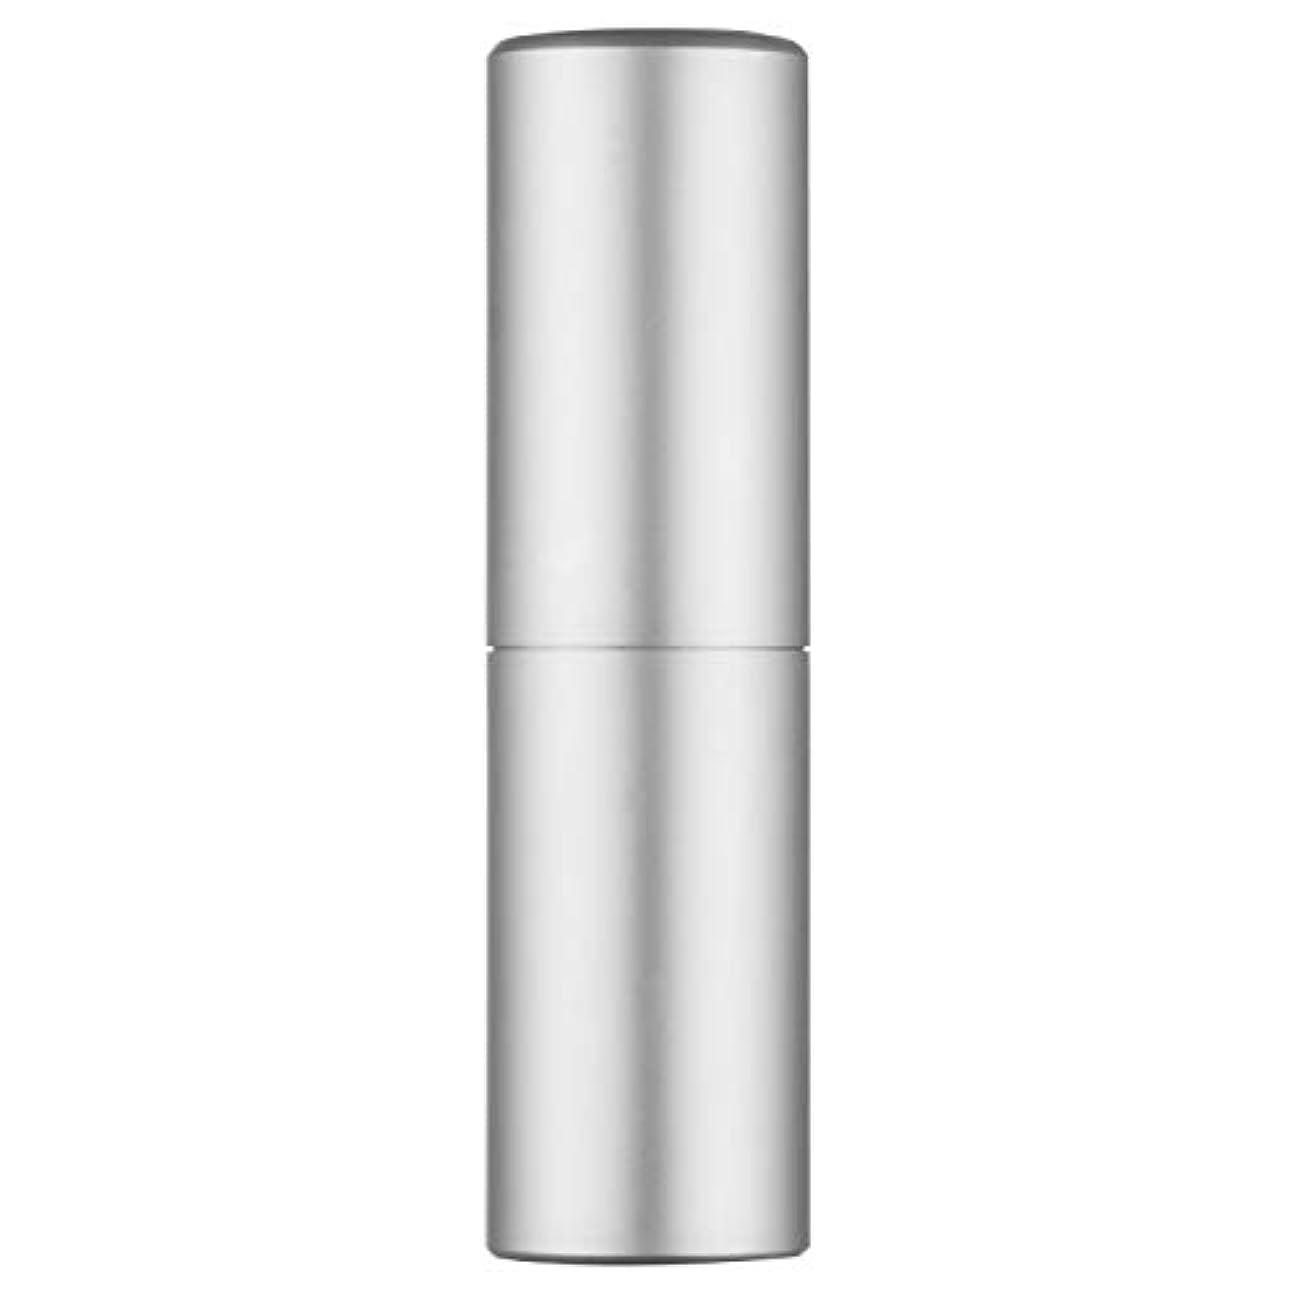 誘惑する強化骨の折れる香水アトマイザー レディース スプレーボトル 香水噴霧器 20ml